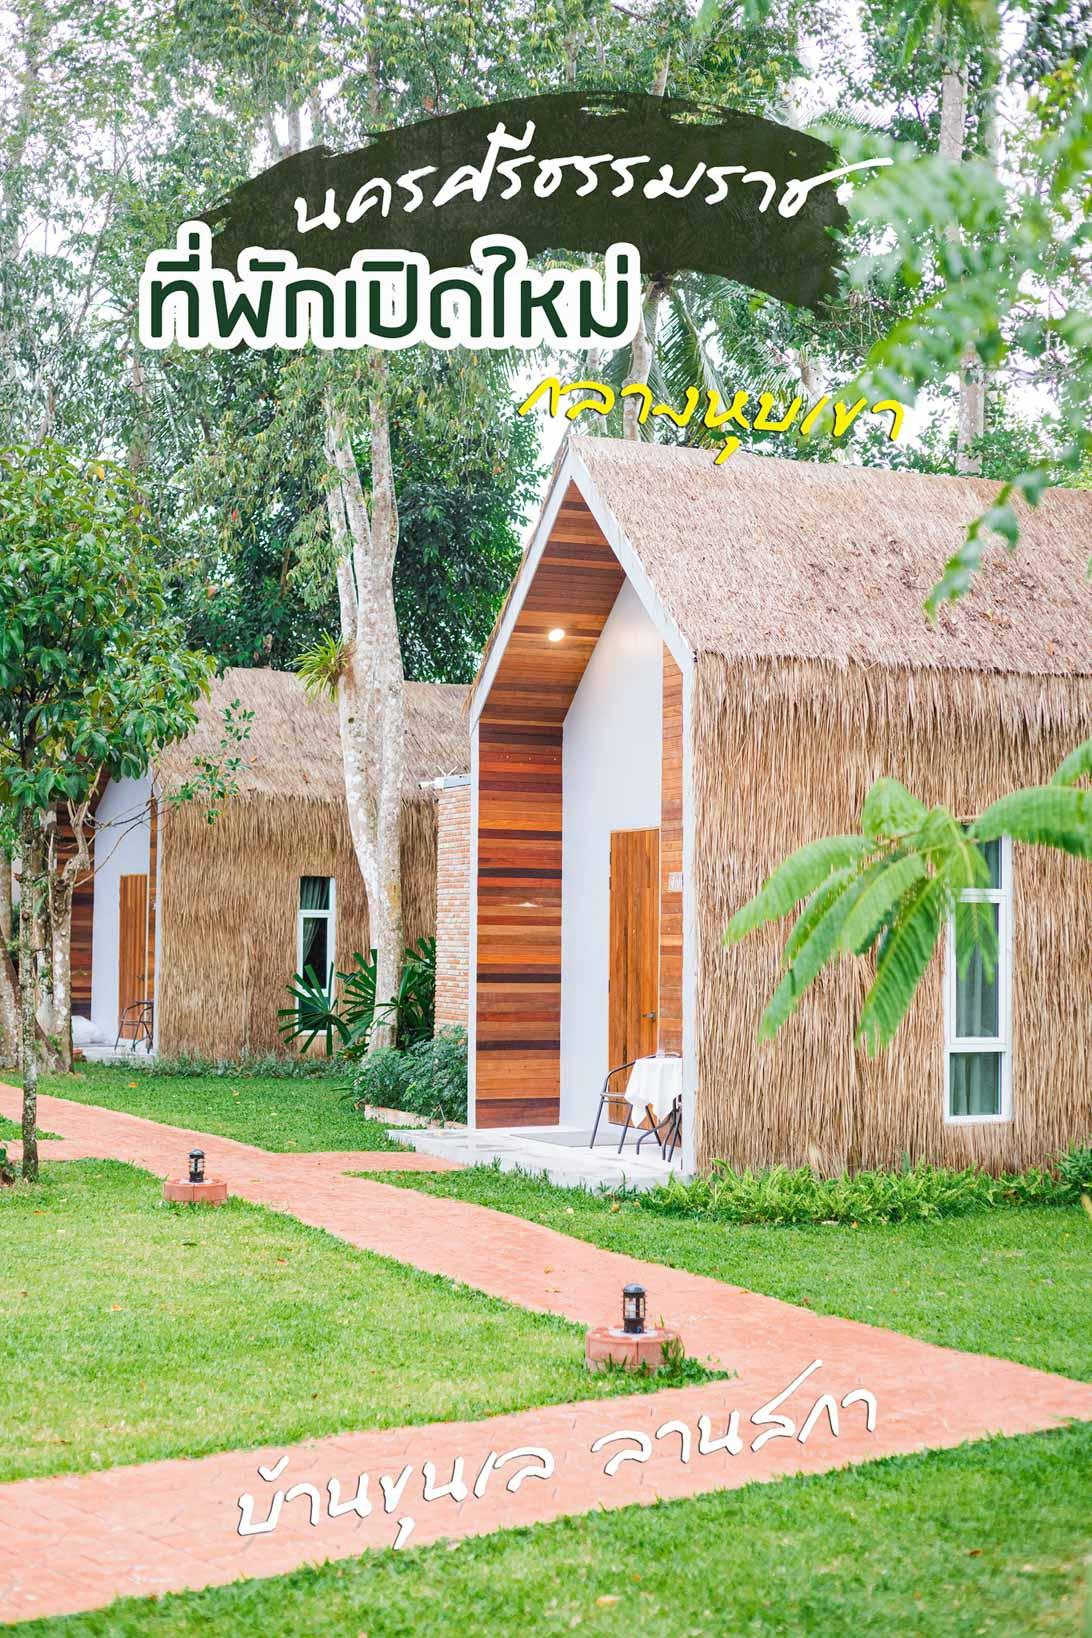 บ้านขุนเล ที่พักเปิดใหม่ลานสกา นครศรี กลางหุบเขาสวยสุดๆ ดินแดนแห่งอากาศที่ดีอันดับต้นๆของประเทศ